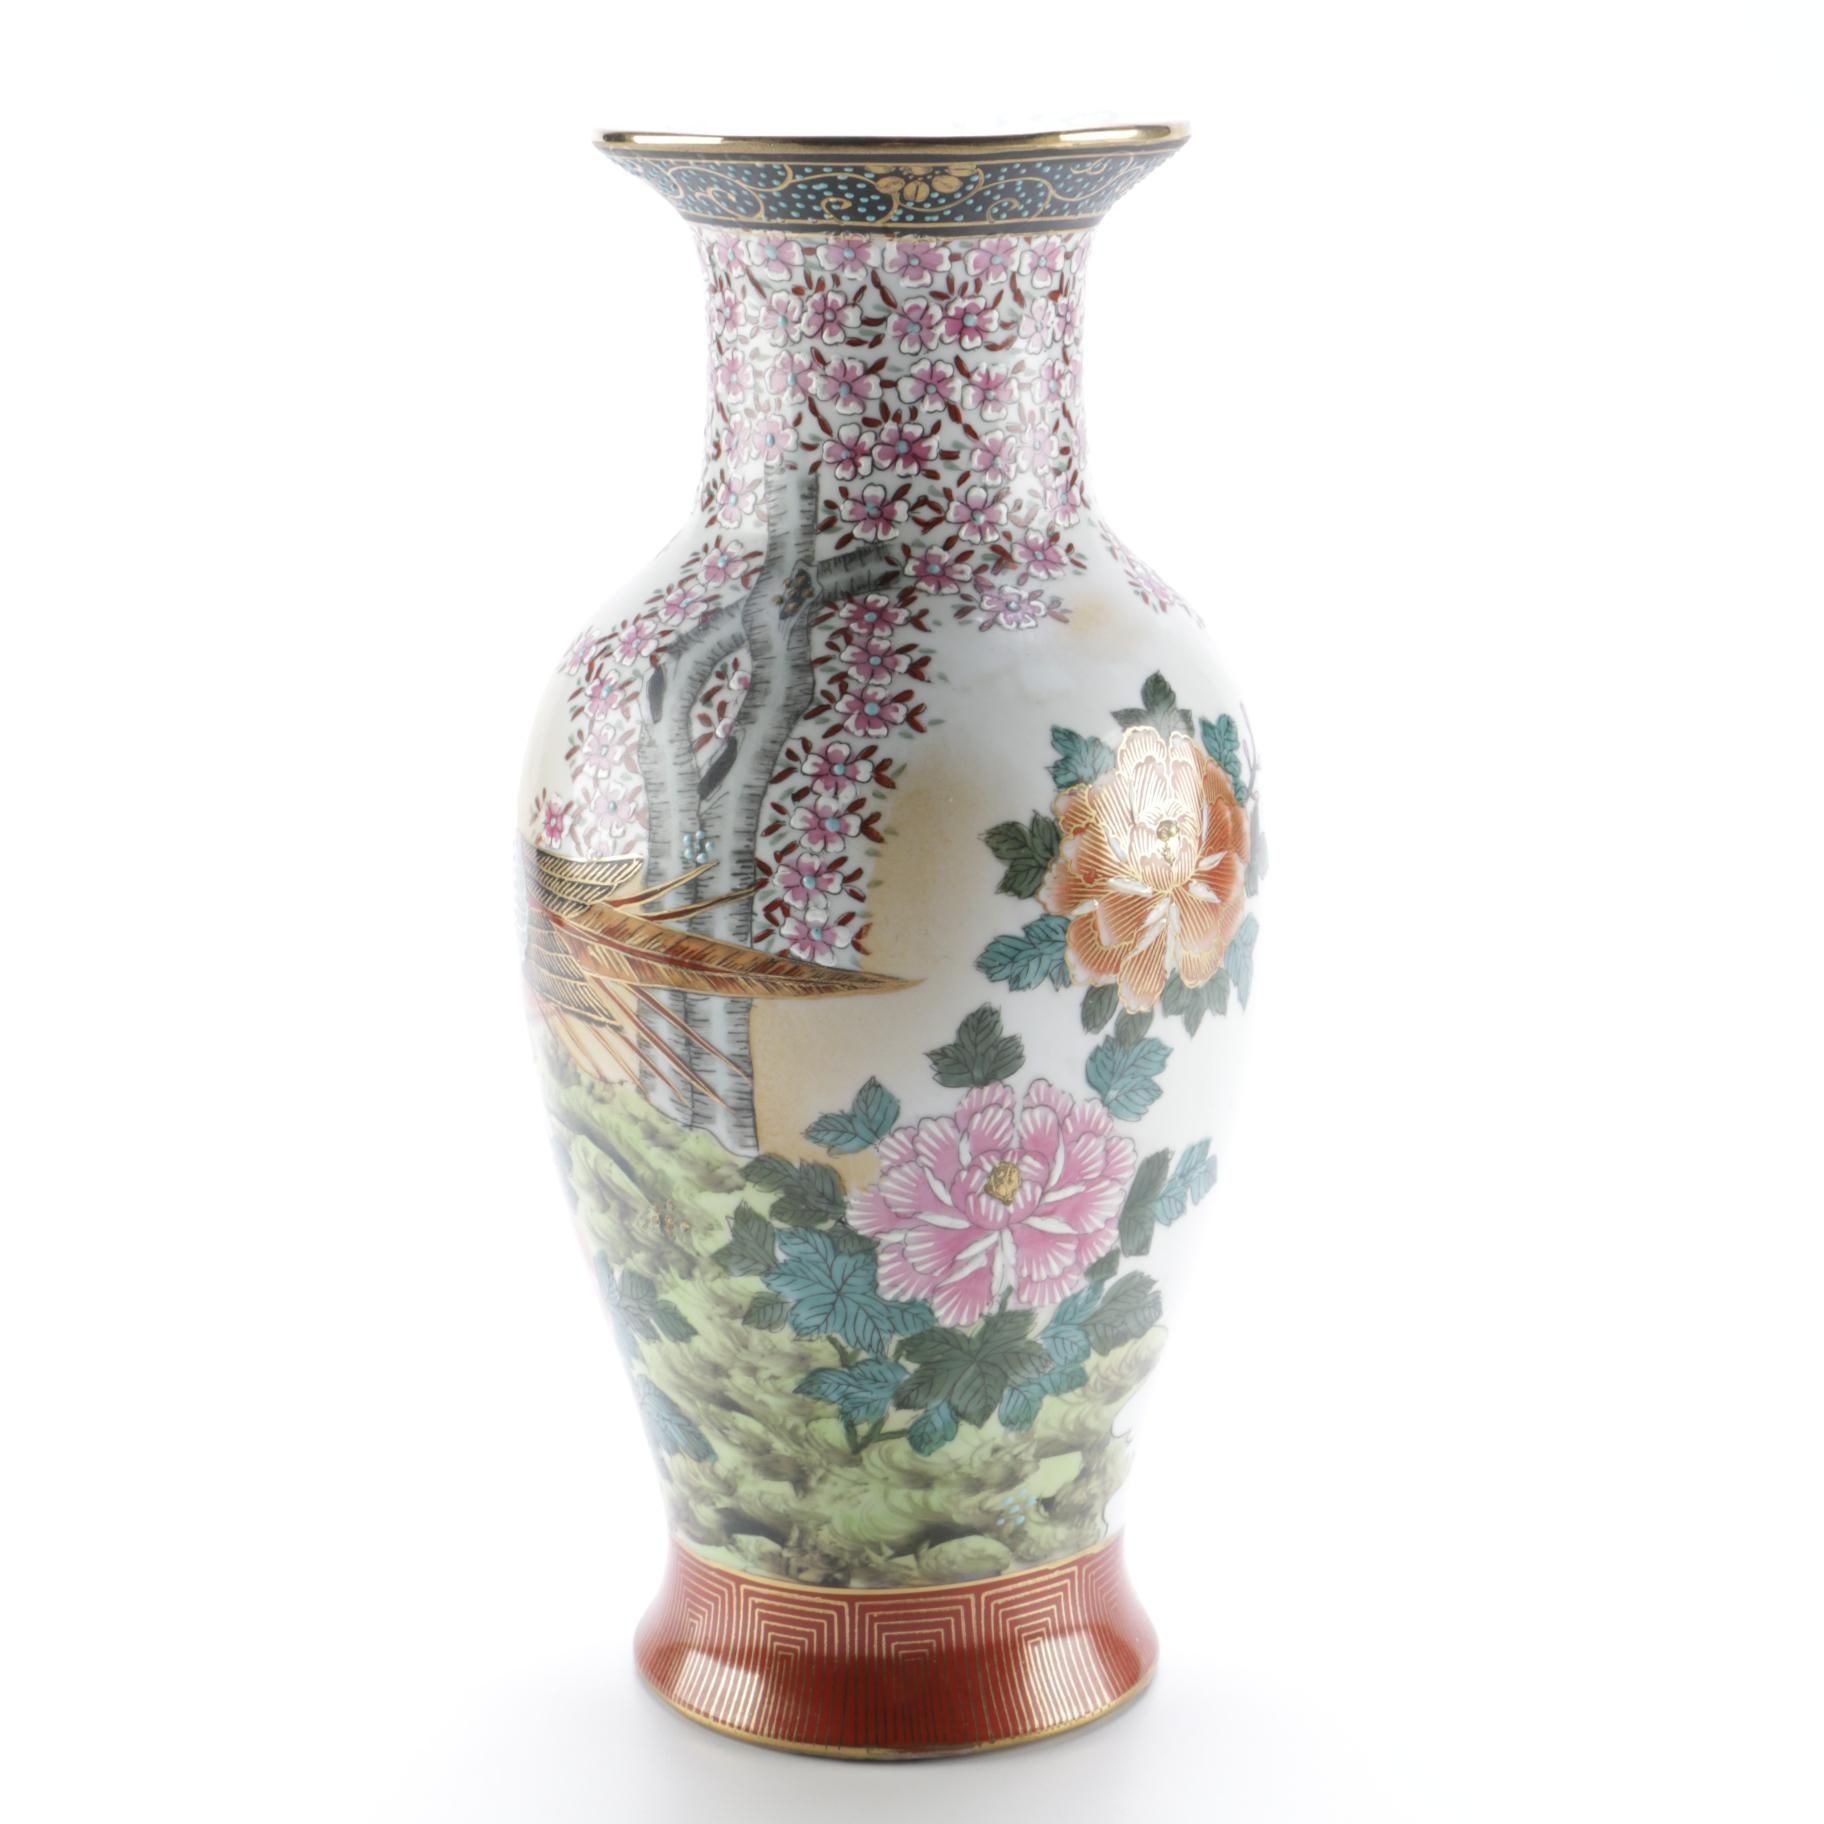 Japanese Hand-Painted Satsuma Vase